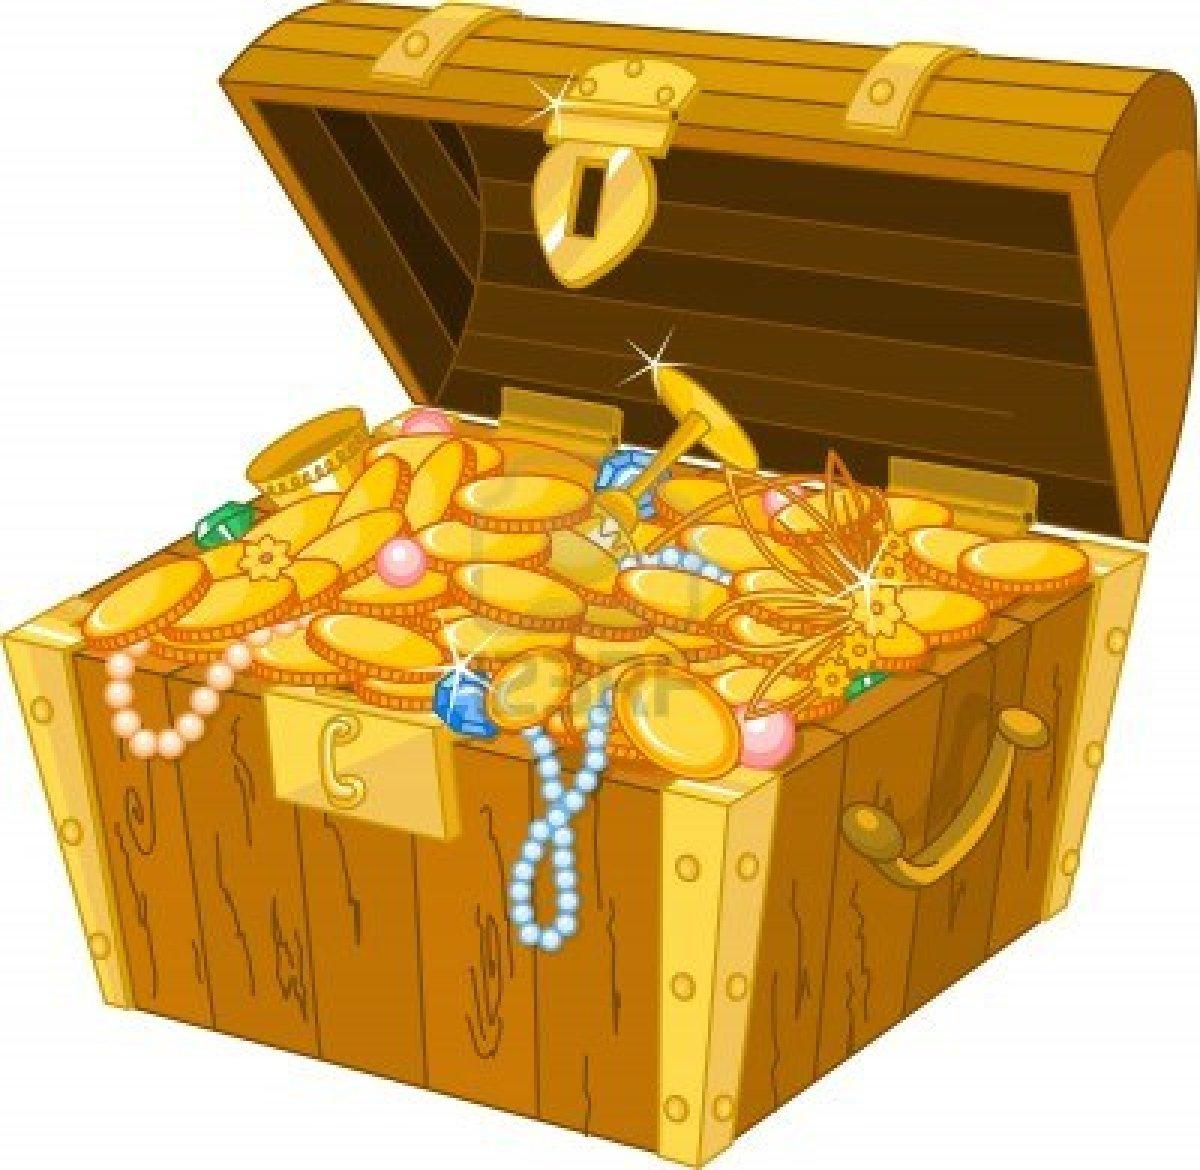 http://pluspng.com/img-png/treasure-png-of-treasure-chest-full-of-treasure-png-1200.jpg